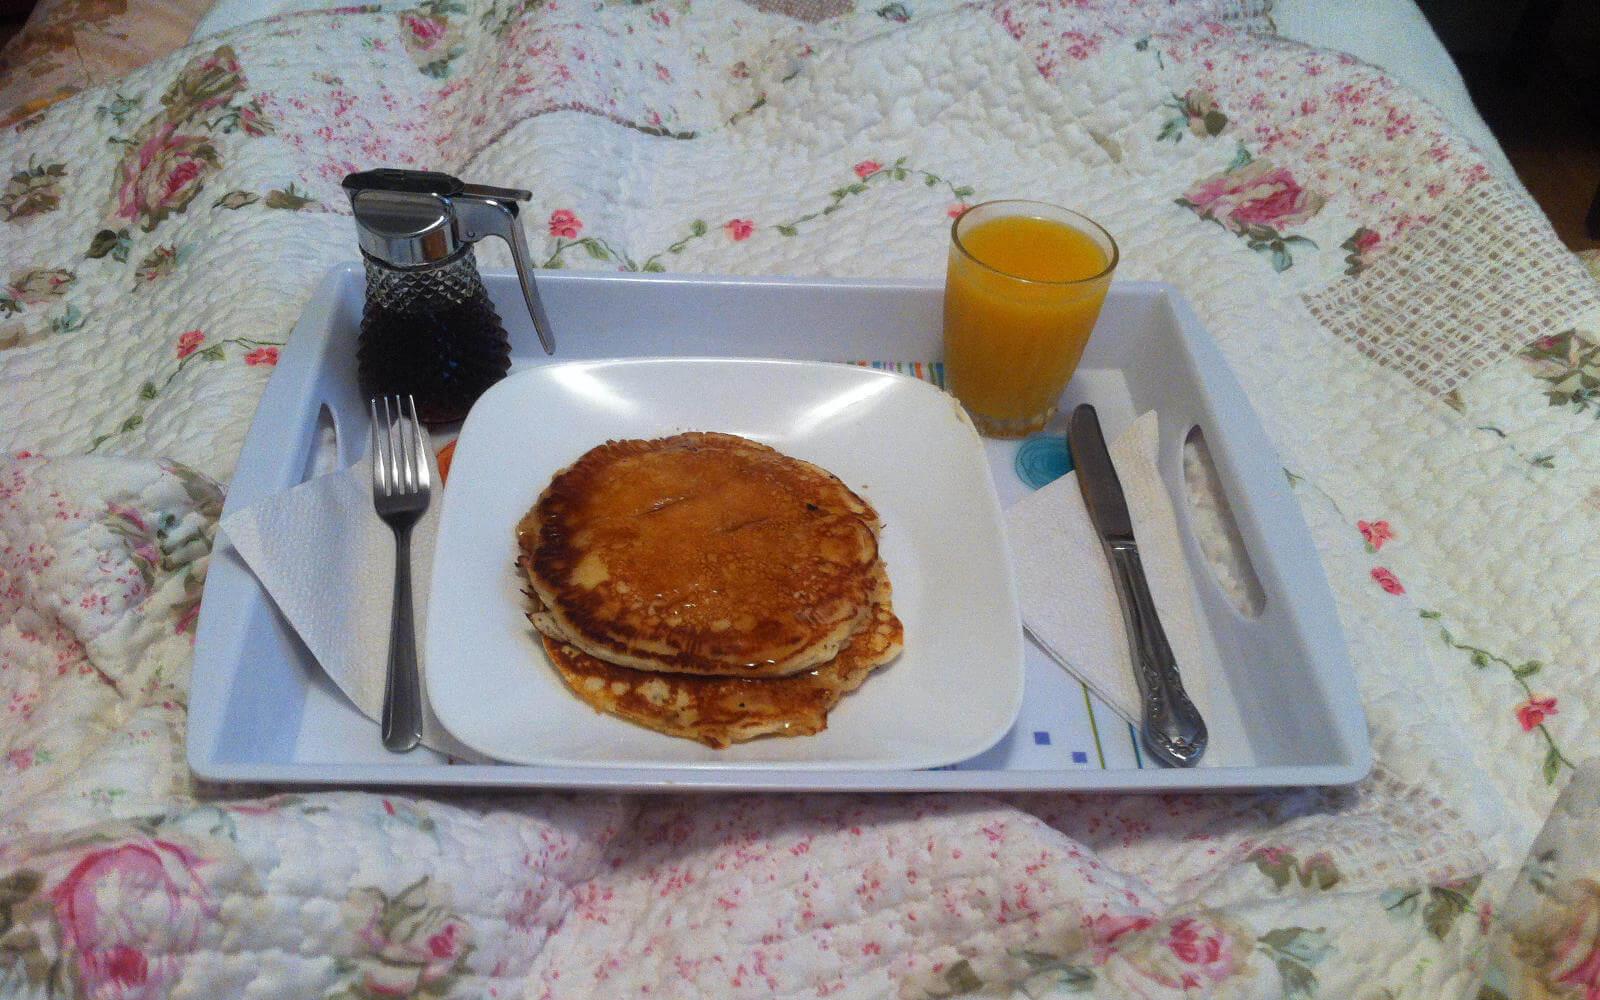 Leckere Pancakes auf einem Tablett